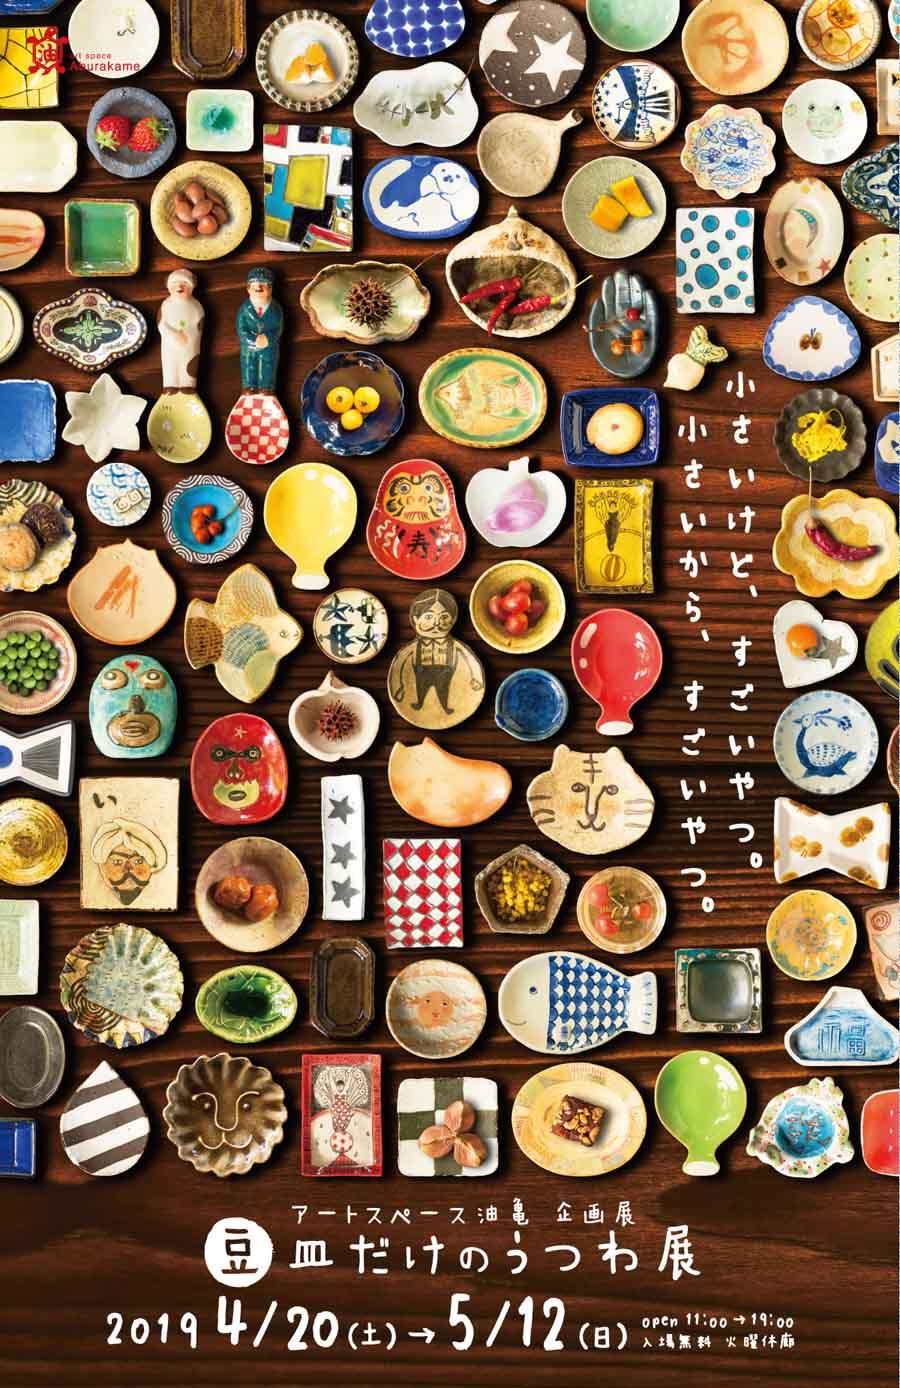 「豆皿だけのうつわ展―小さいけど、すごいやつ。小さいから、すごいやつ。―」展覧会情報はこちらから!